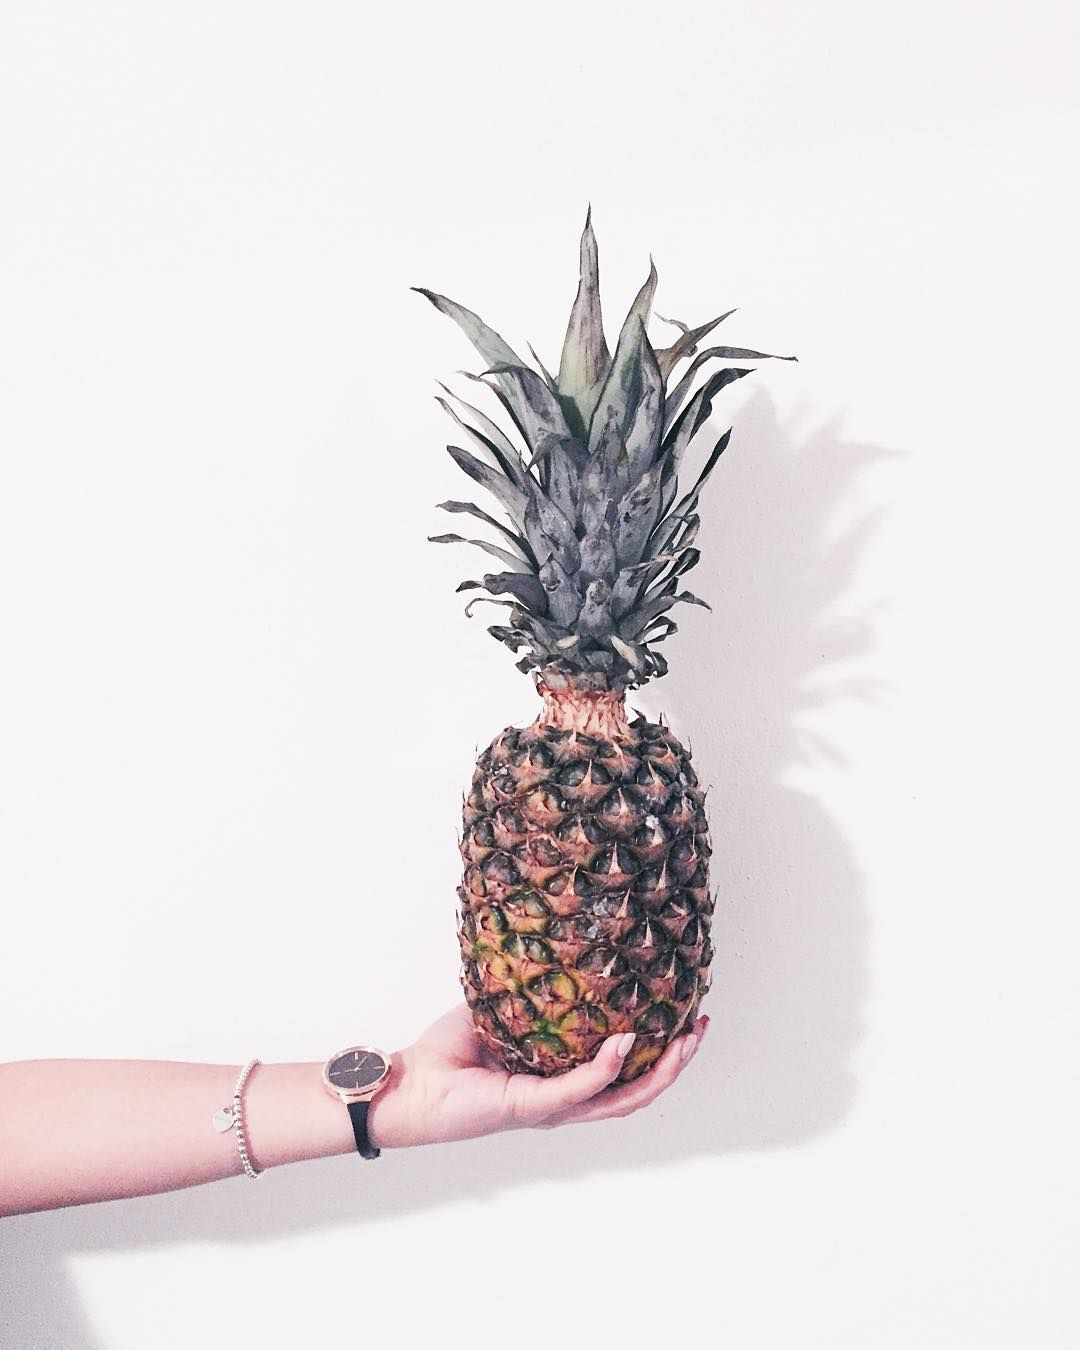 Mi hanno detto che devo mangiare frutta da qui al 6 gennaio perché sto davvero esagerando.  #mangiareèbello #ananas @calvinklein #ckminute #swissmade #findyourmoment http://ift.tt/1NkyAgG by martinachiella